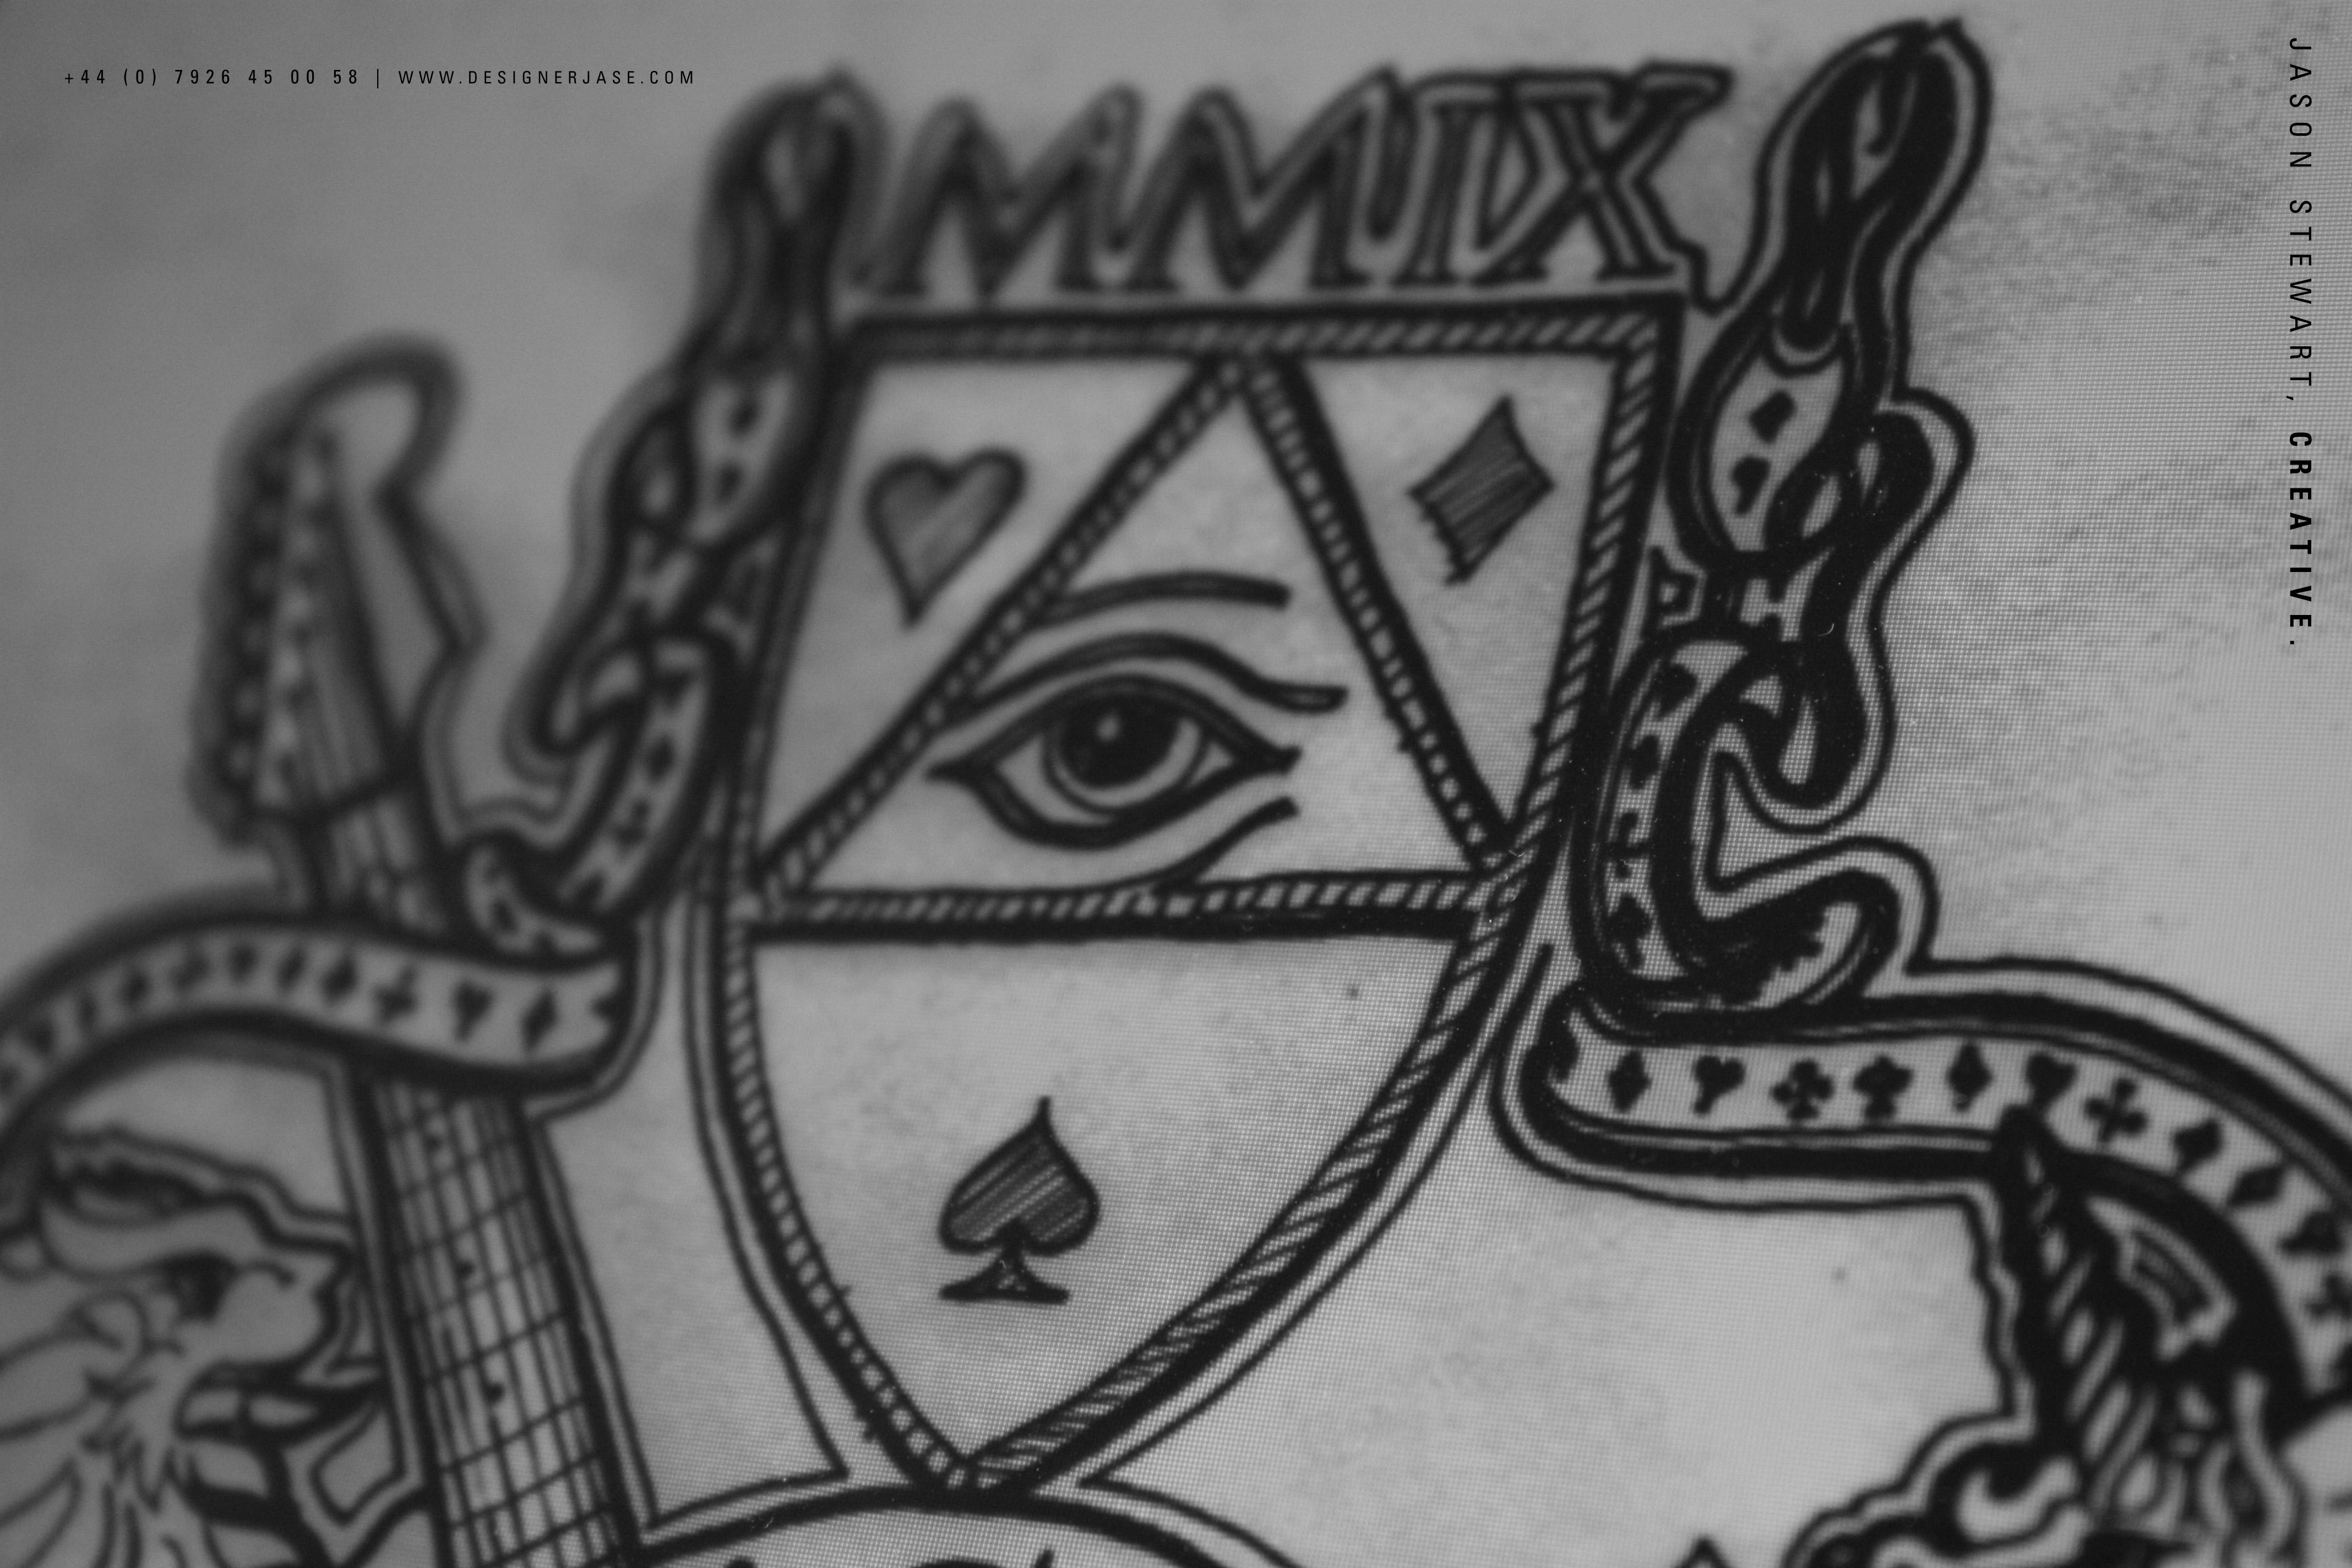 Drawn illuminati hand Work Eye Jason of Creative